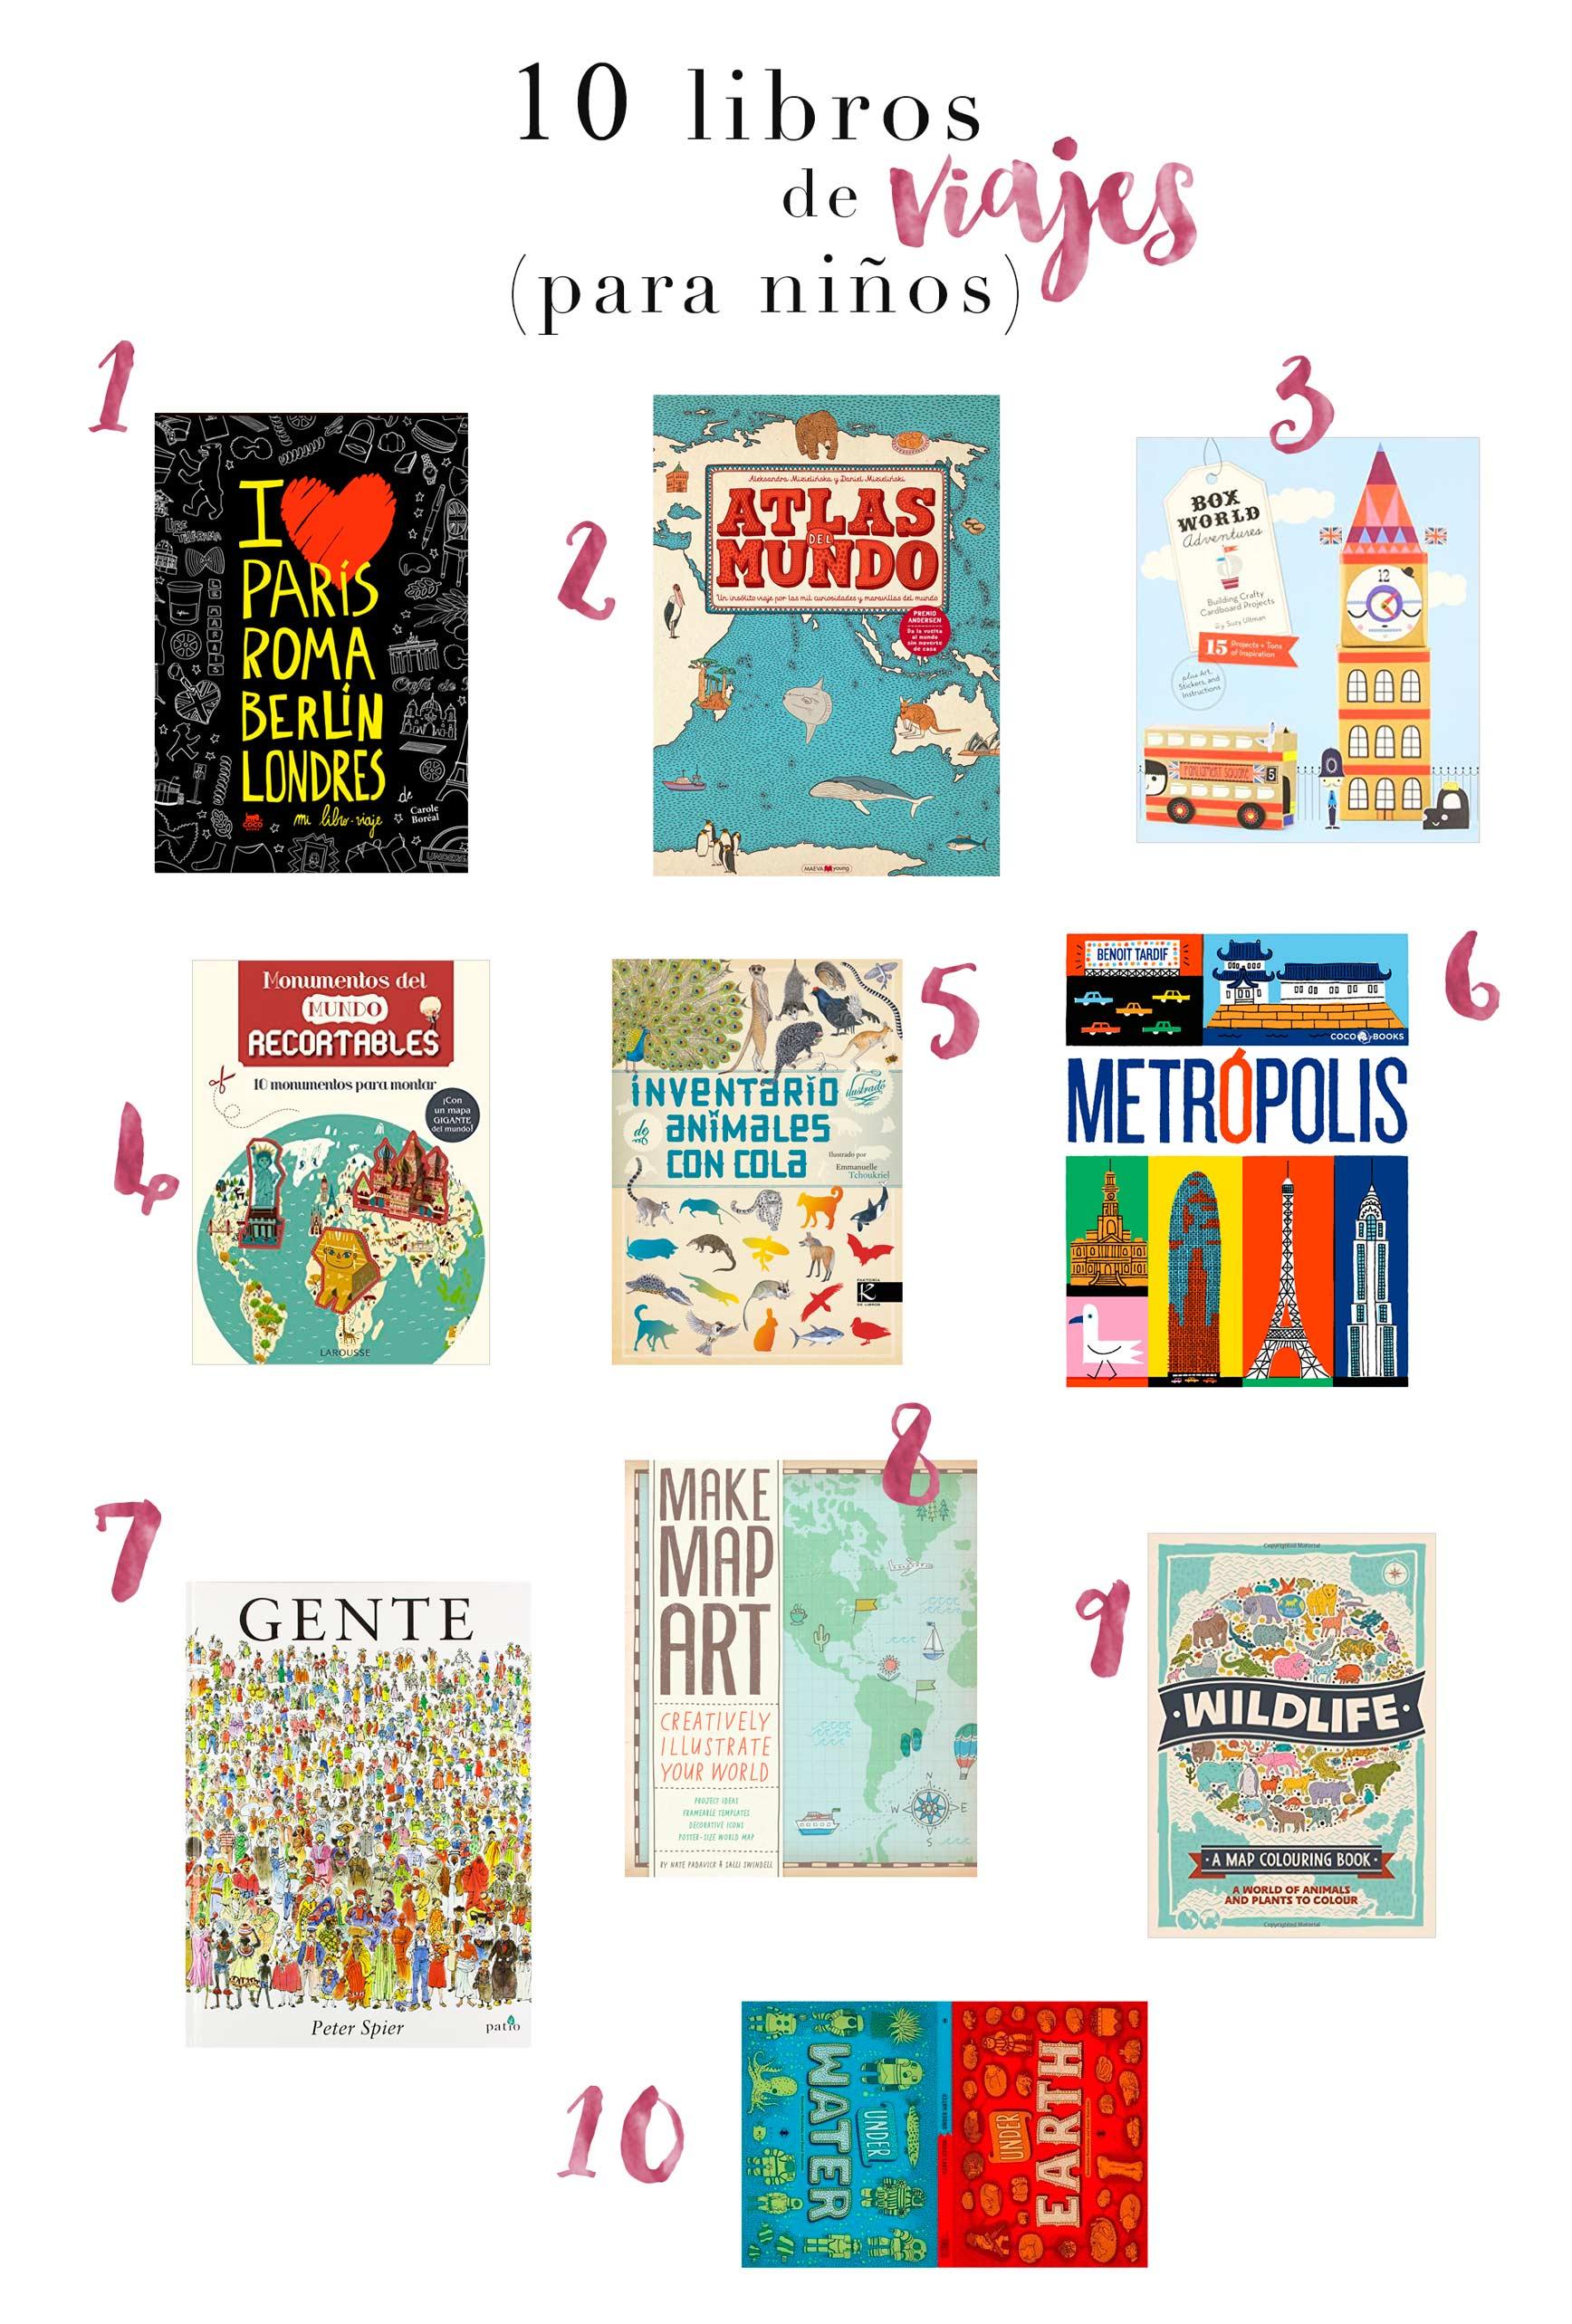 10 libros de viajes para niños